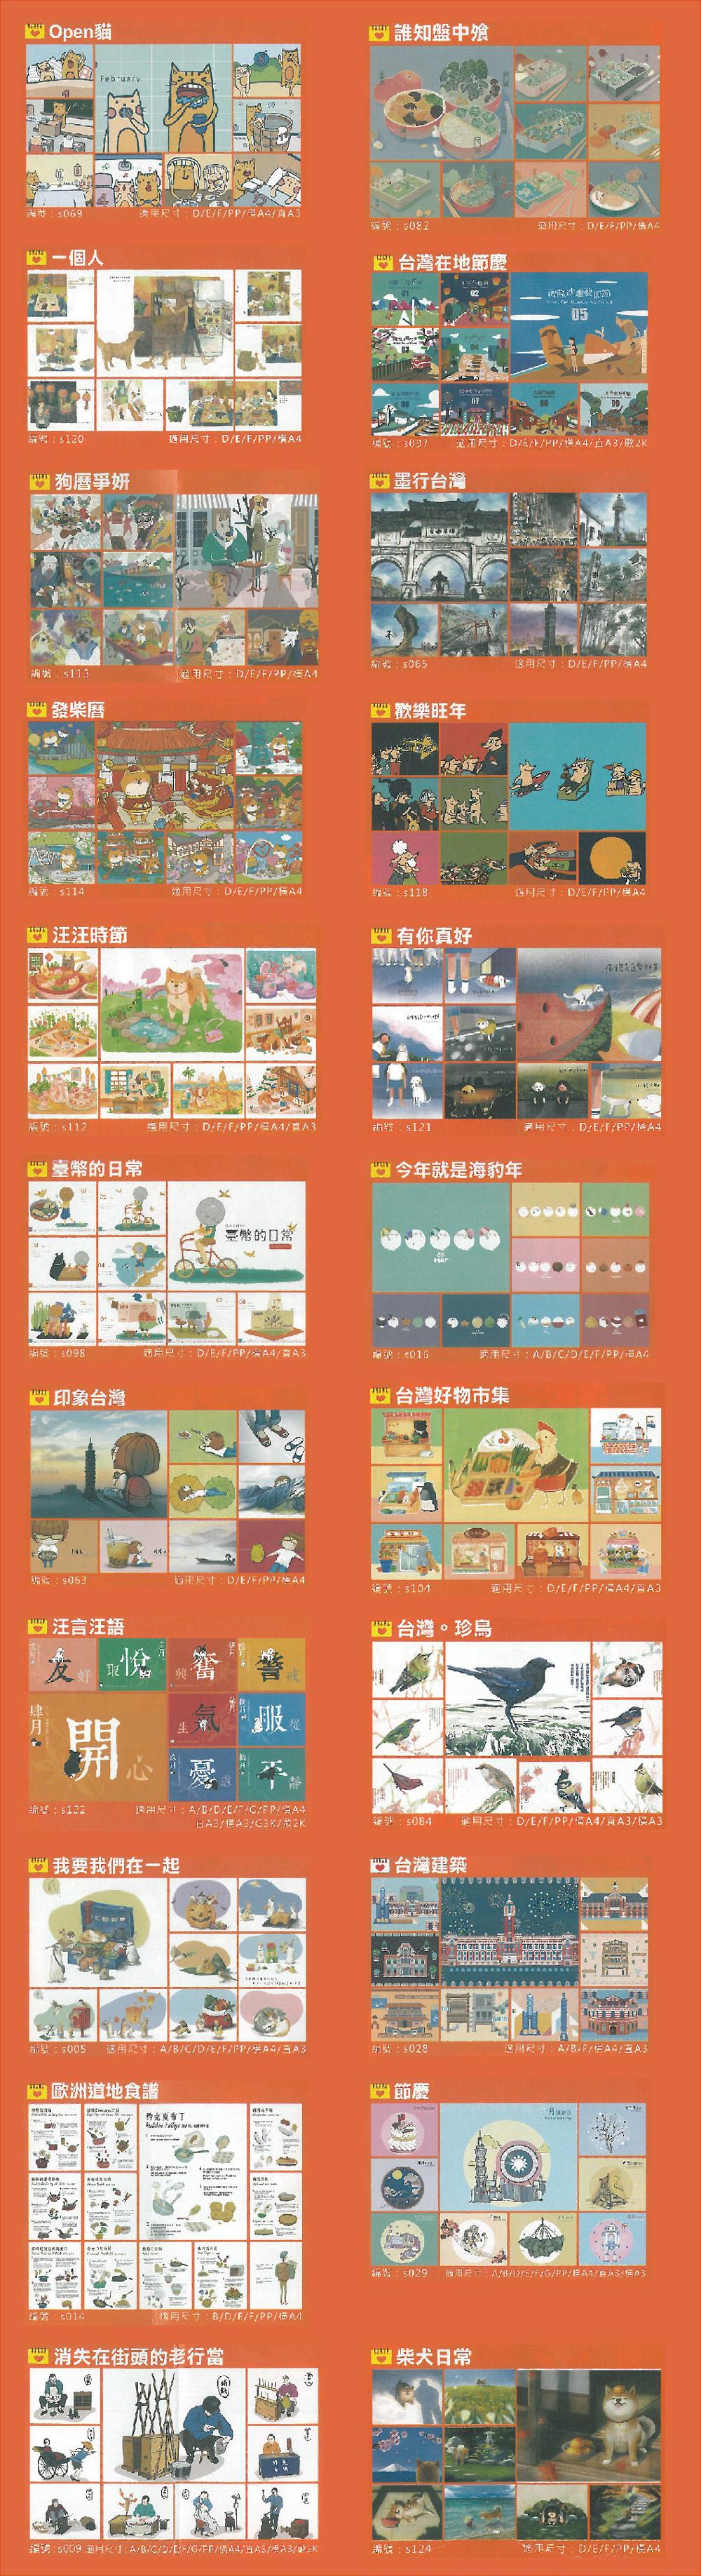 橫A4月曆圖案02